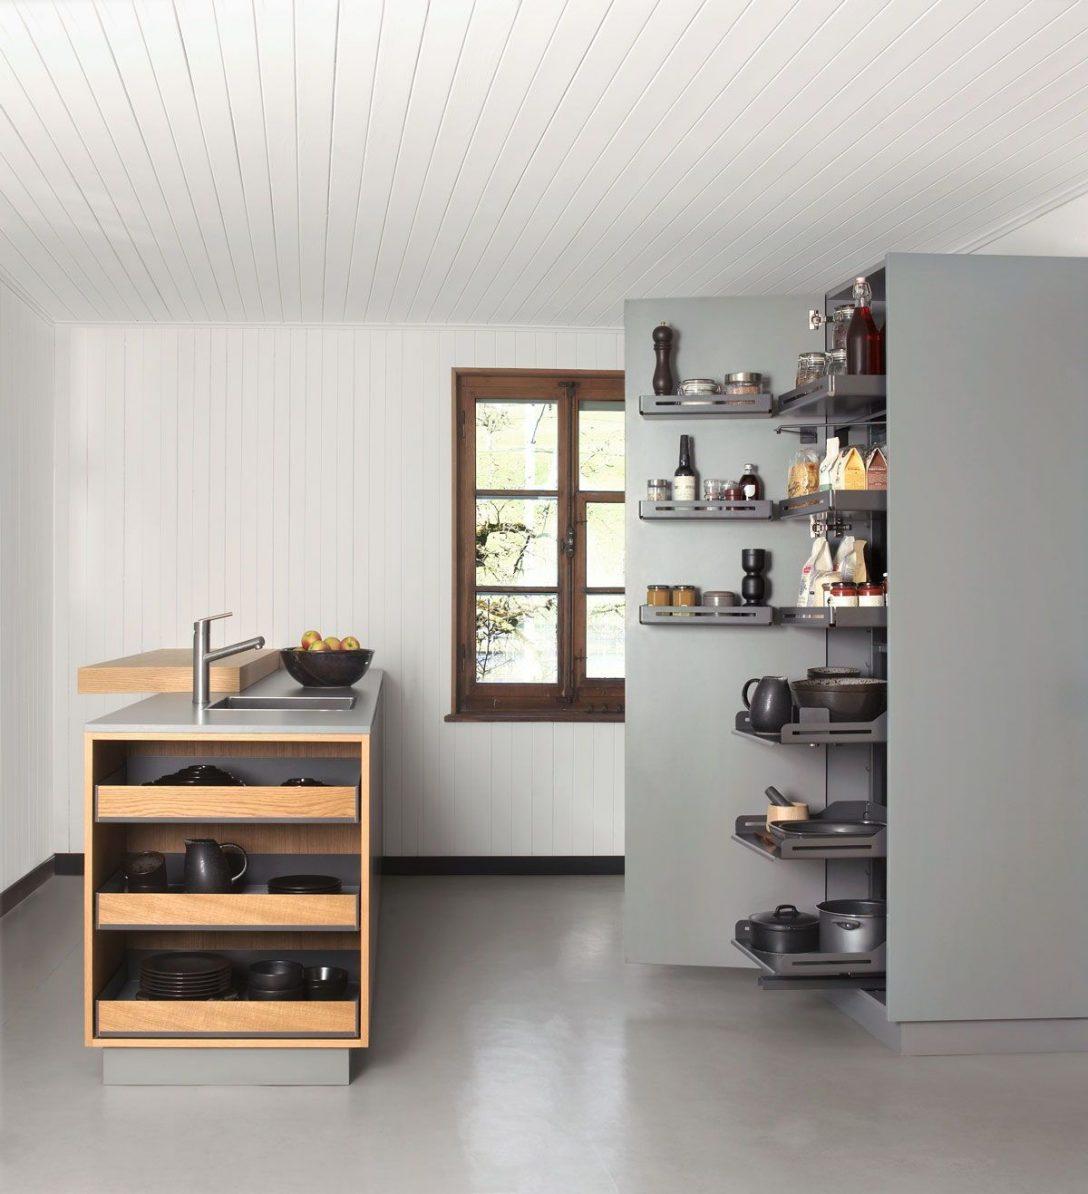 Large Size of Plastikfreie Küche Aufbewahrung Kleine Küche Aufbewahrung Küche Aufbewahrung Kunststoff Küche Aufbewahrung Wand Küche Küche Aufbewahrung